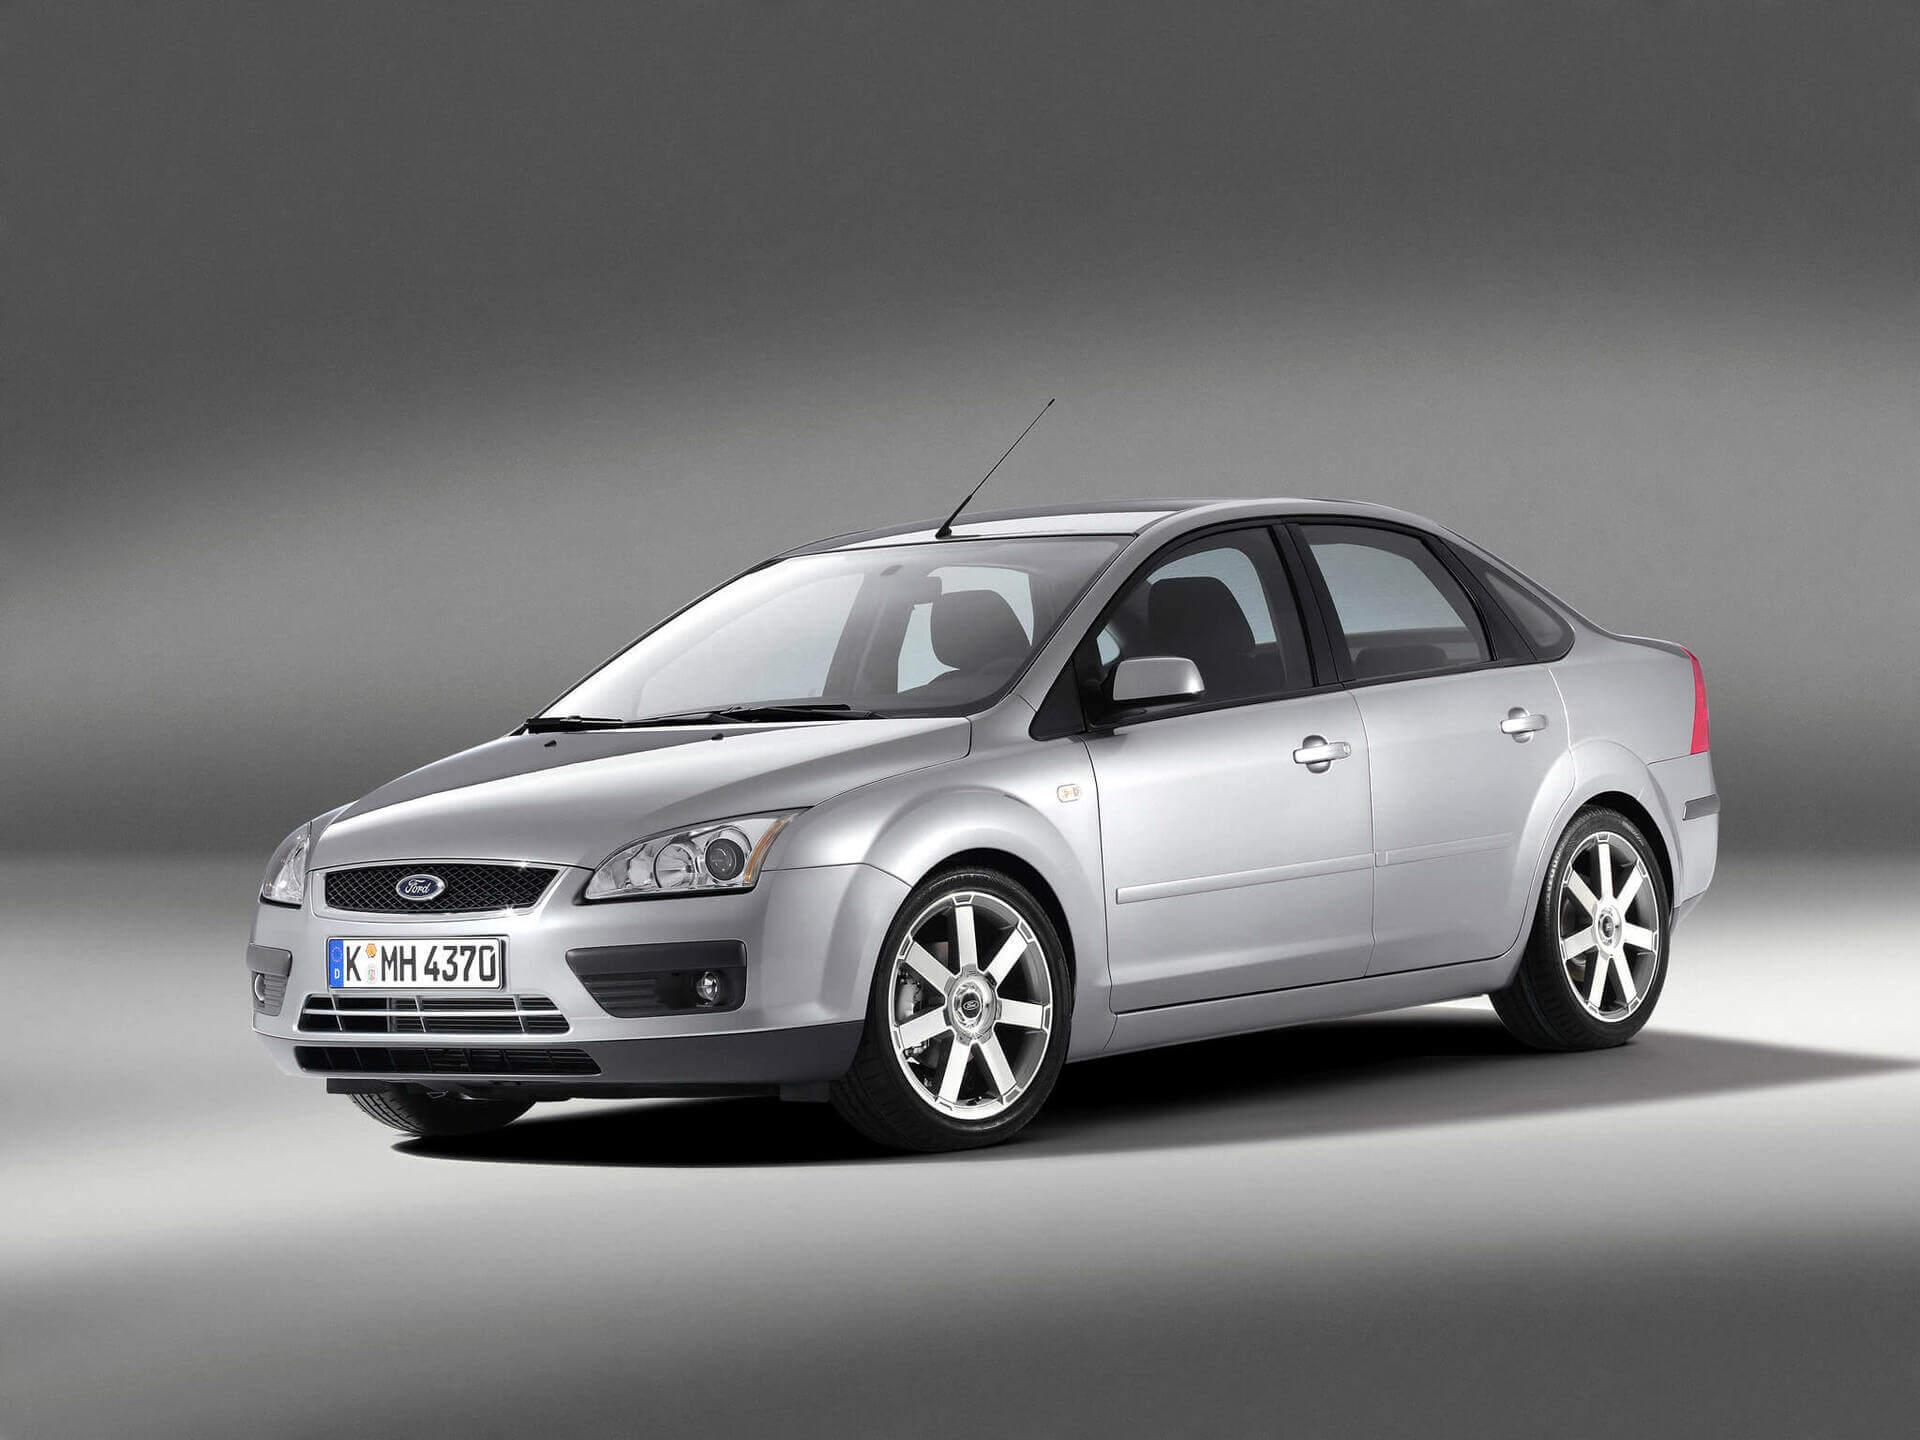 2 поколение, Ford Focus, седан, топ, бюджетно, недорого, дешево